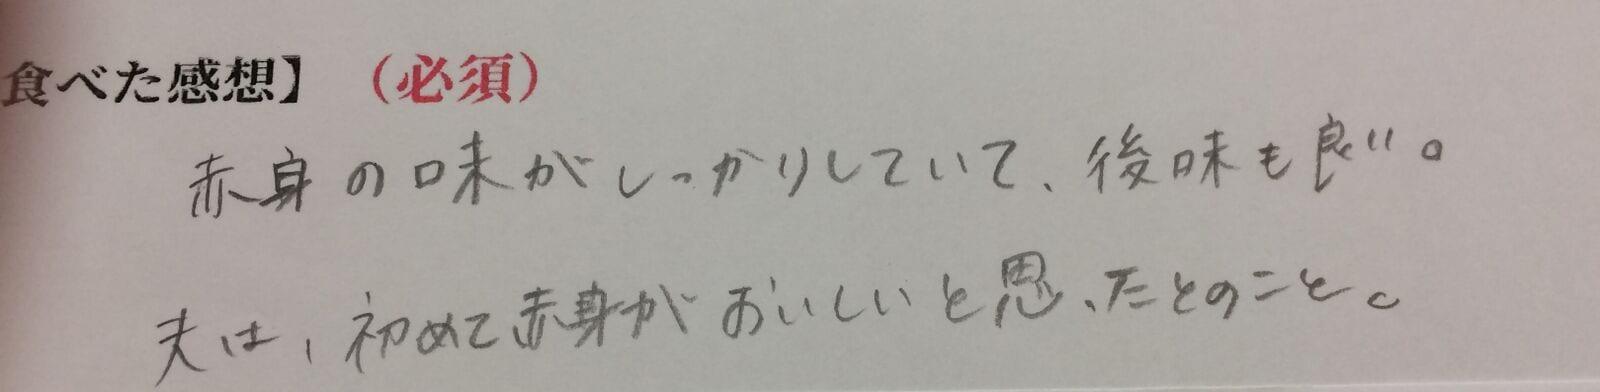 熊本県人吉 球磨郡/回転寿司まぐろやサンロードシティ店お客様の声